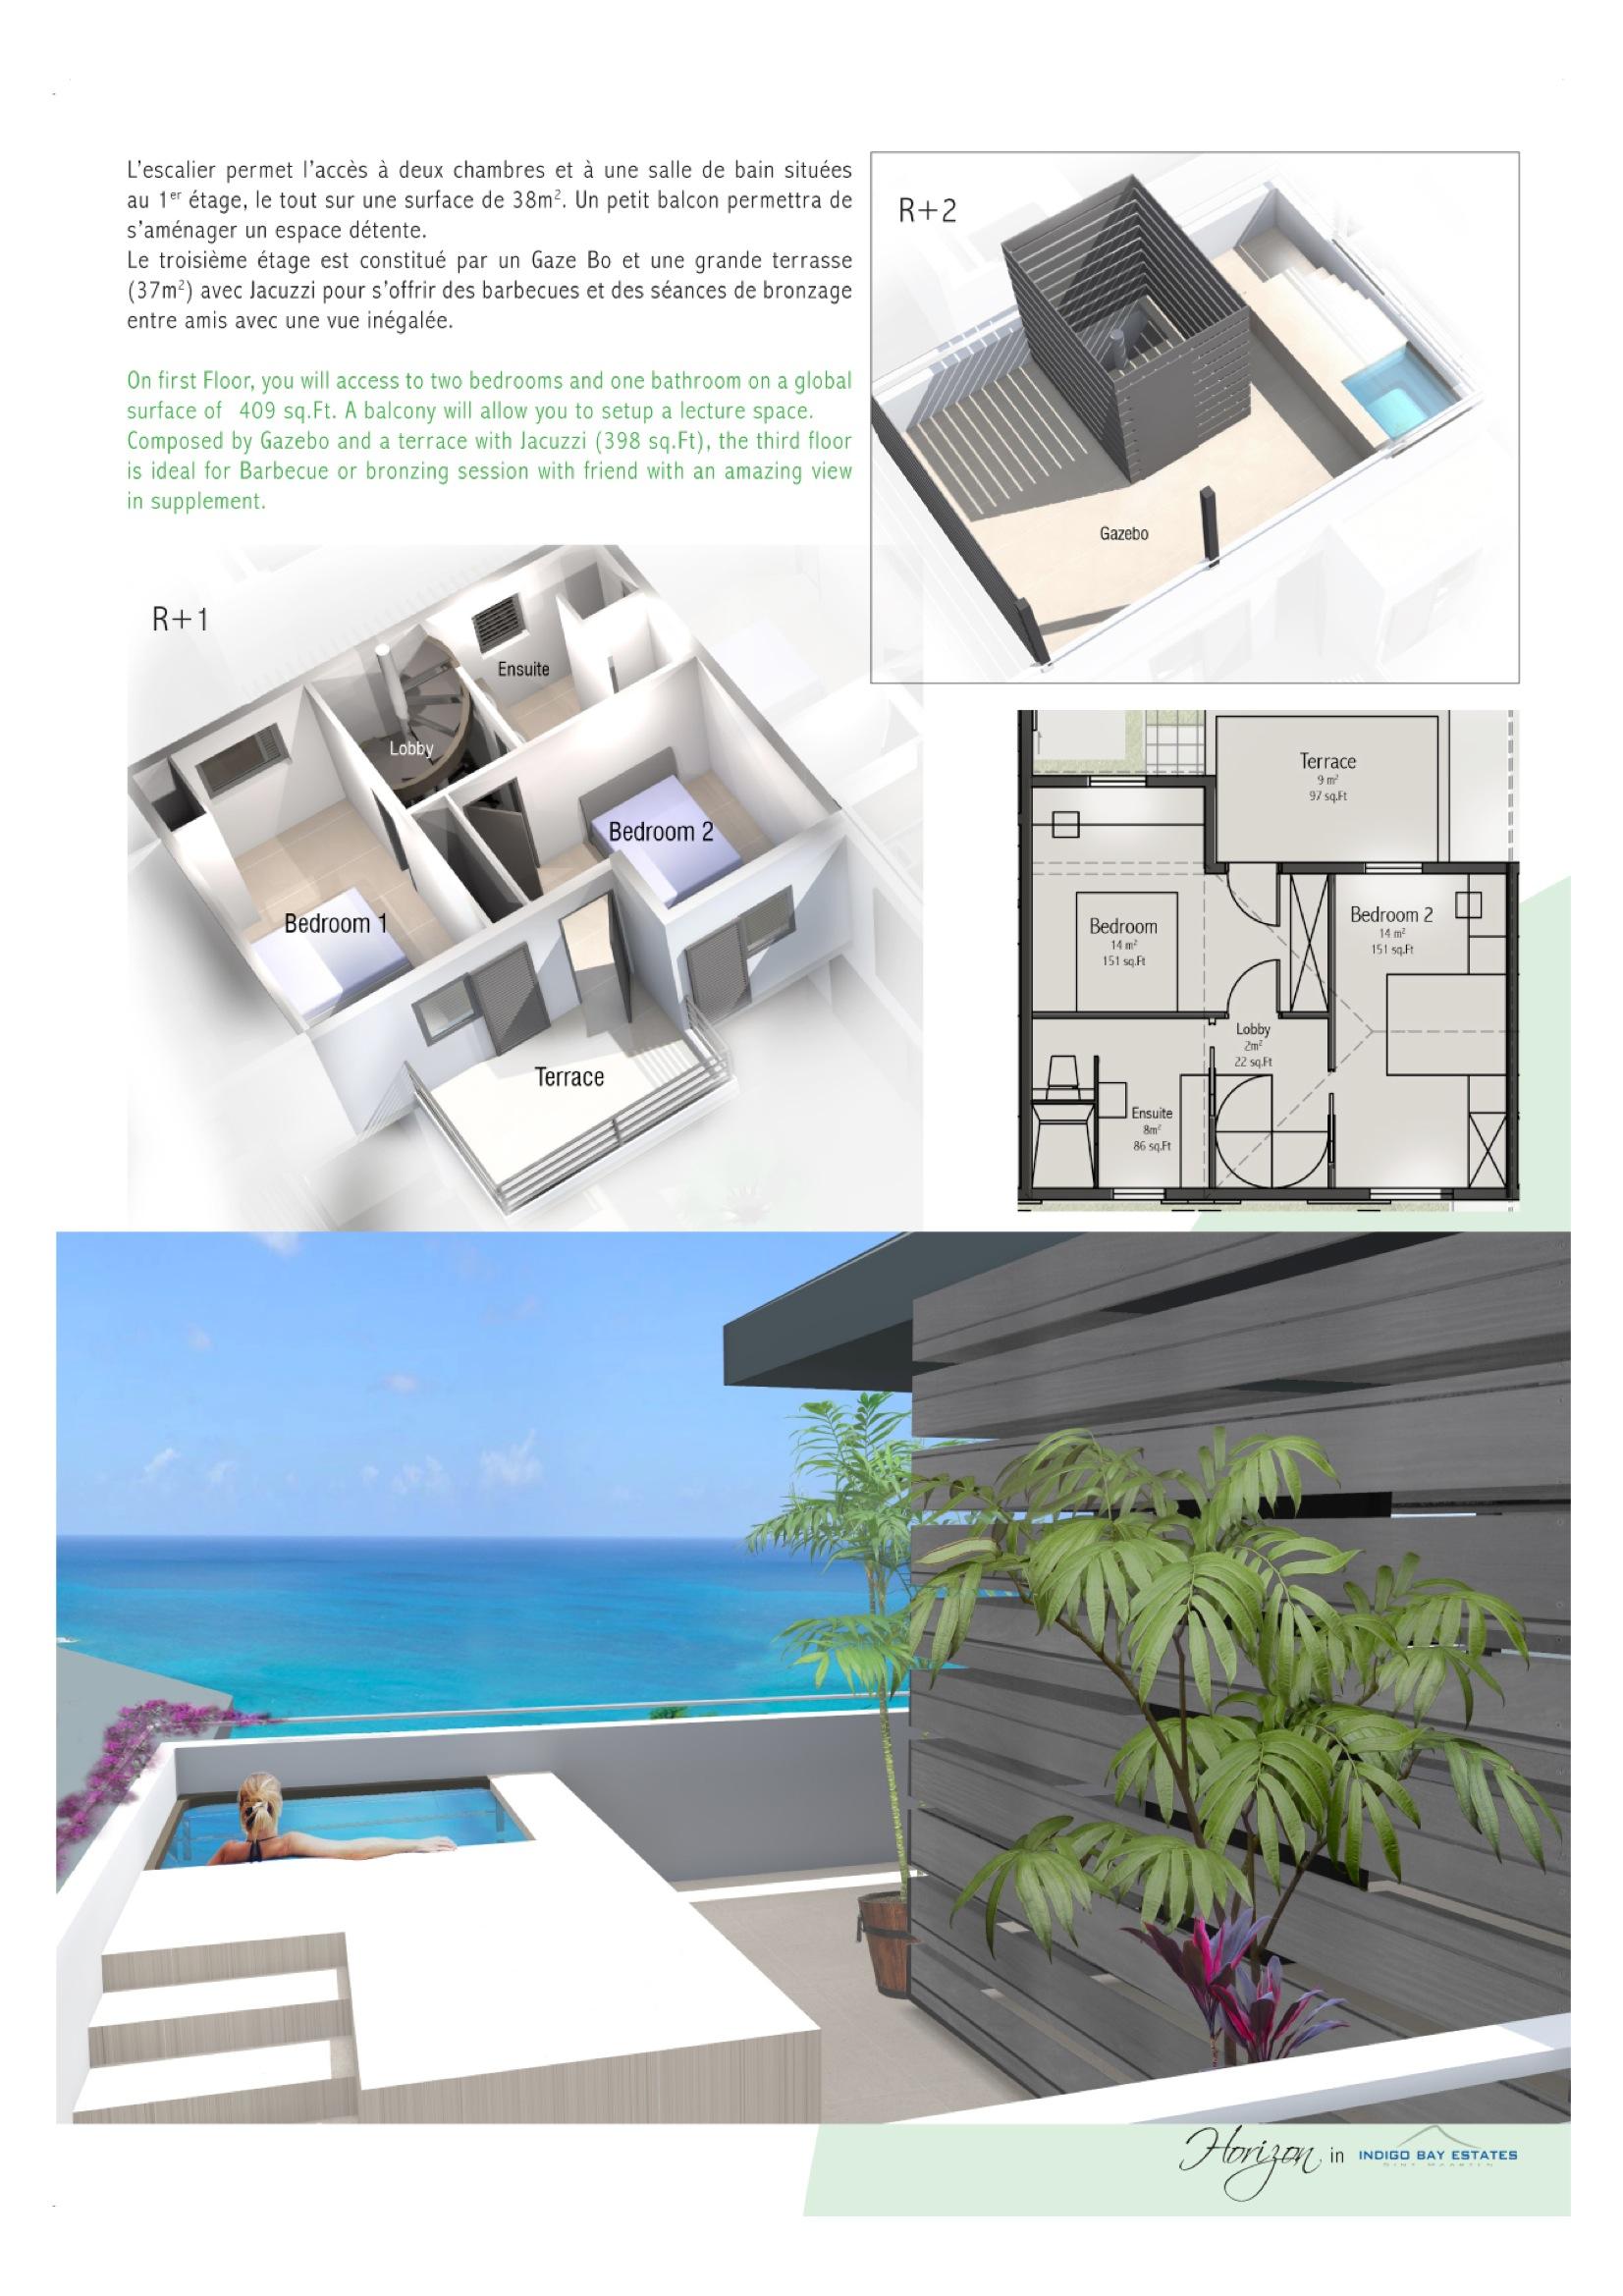 Horizon Indigo Bay Estates Caribbean Estate Agency